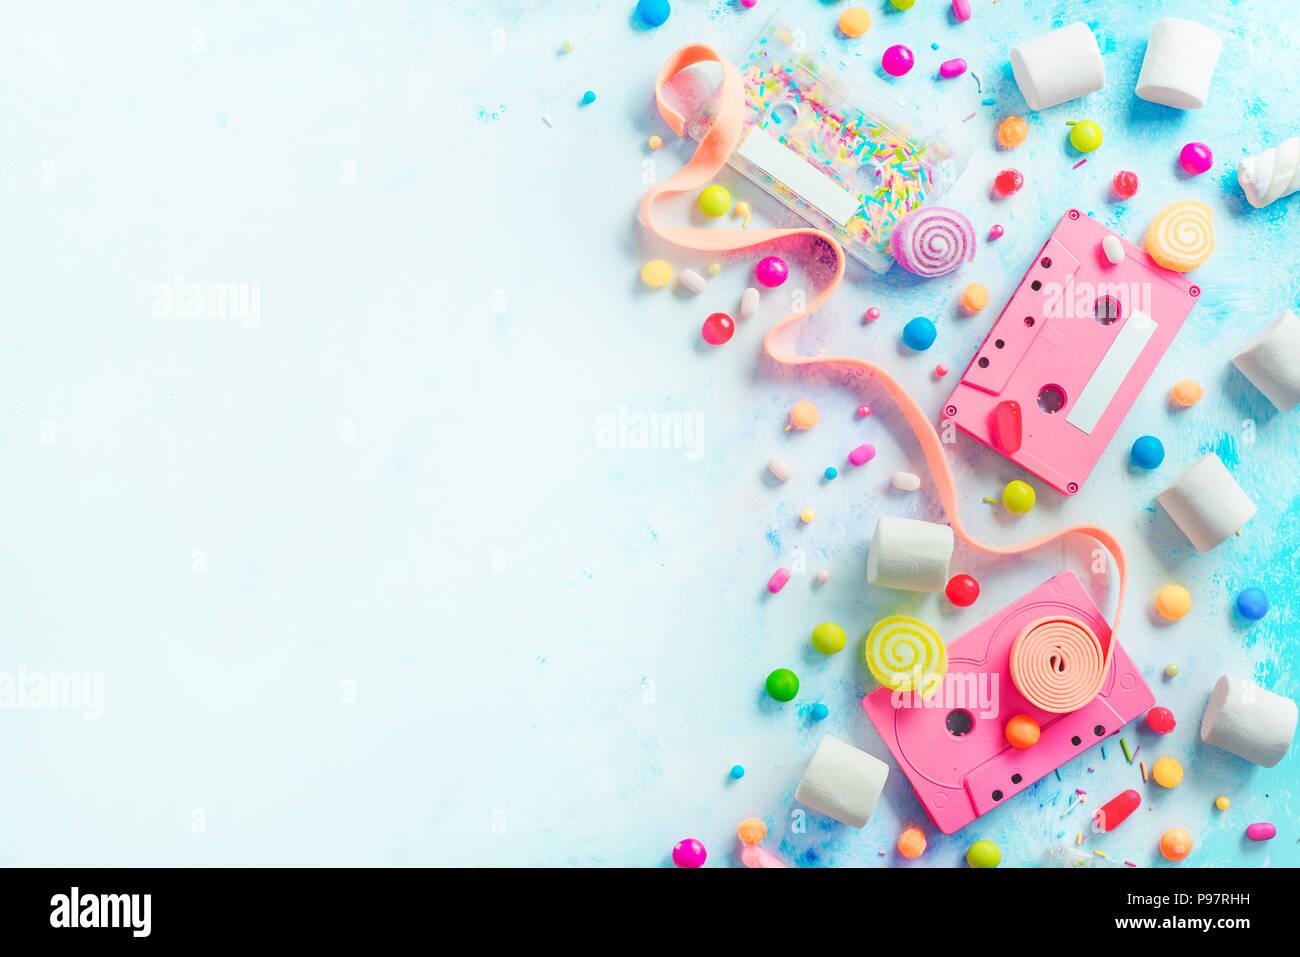 Cassettes rose dans une douce mélodie concept. Bonbons, arrose et marmelades sur fond clair avec l'exemplaire de l'espace. Télévision couleur pastel en-tête laïcs Banque D'Images